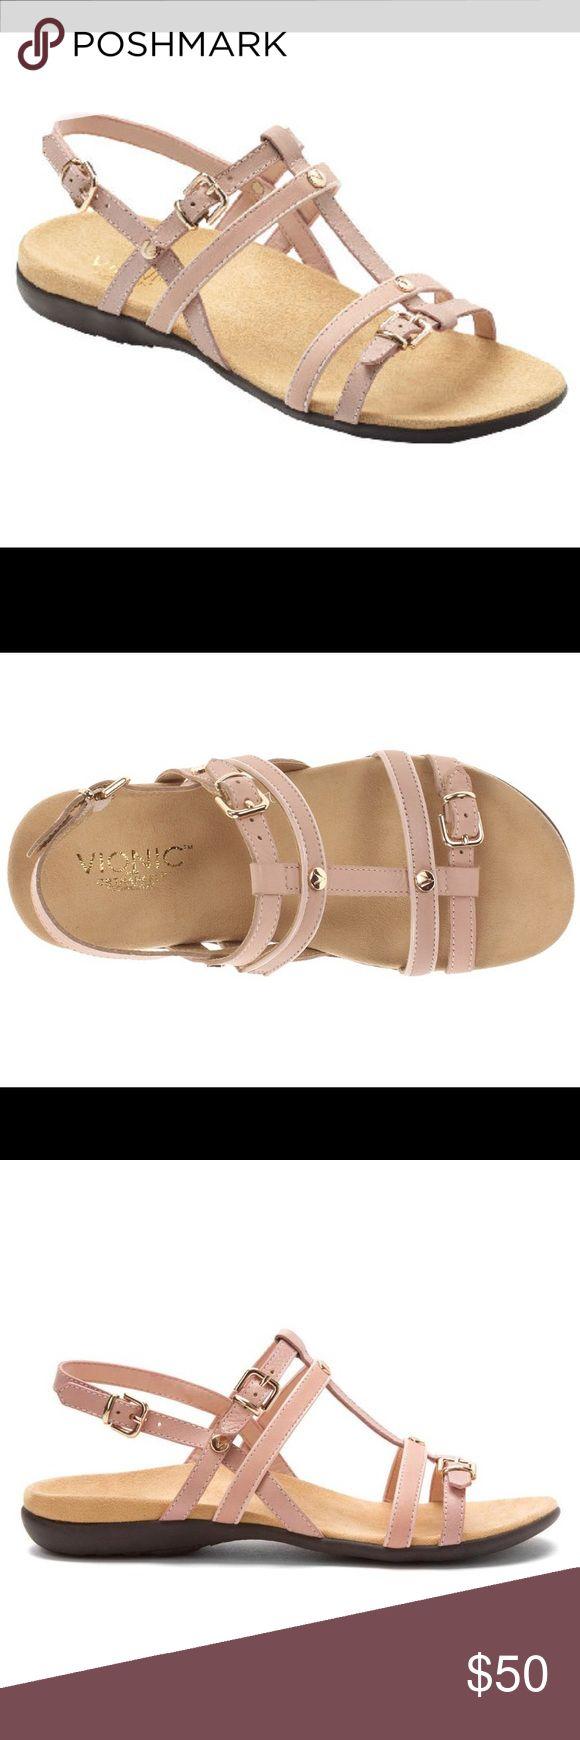 Vionic Orthoheel Blush Coro Sandals 11 Orthopedic sandals Vionic Shoes Sandals